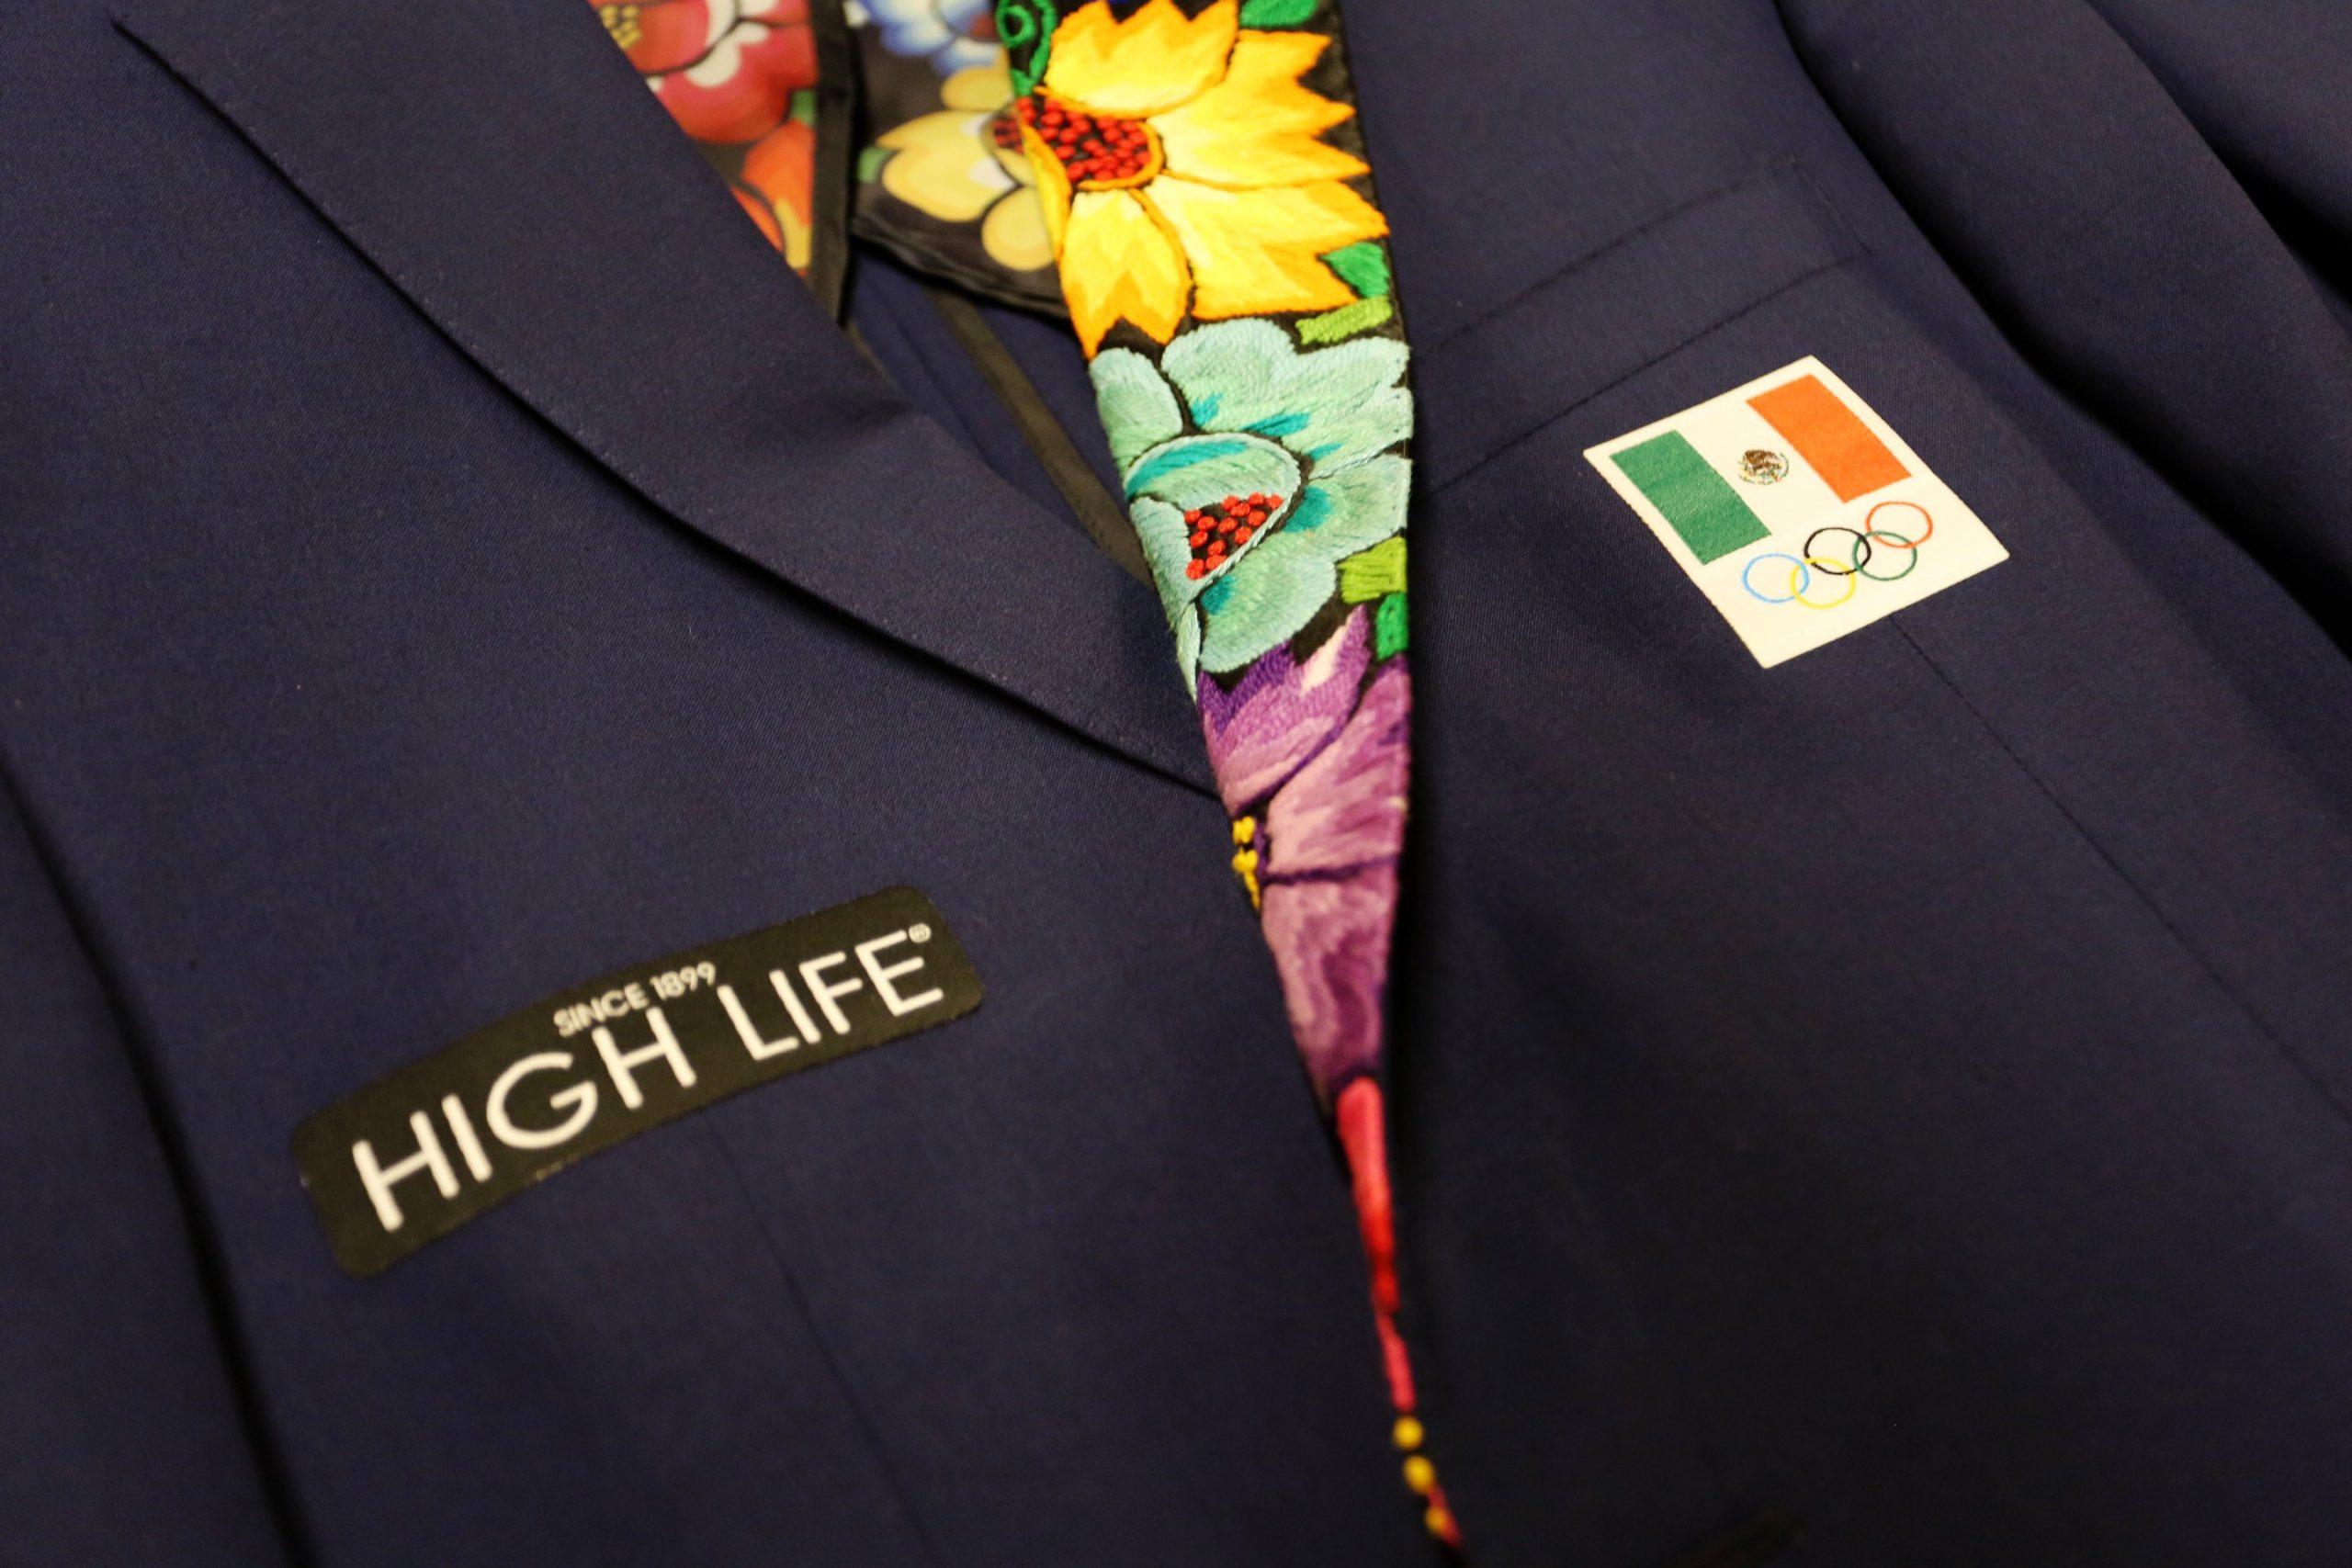 Diseño exclusivo en los Juegos Olímpicos de Tokio 2020